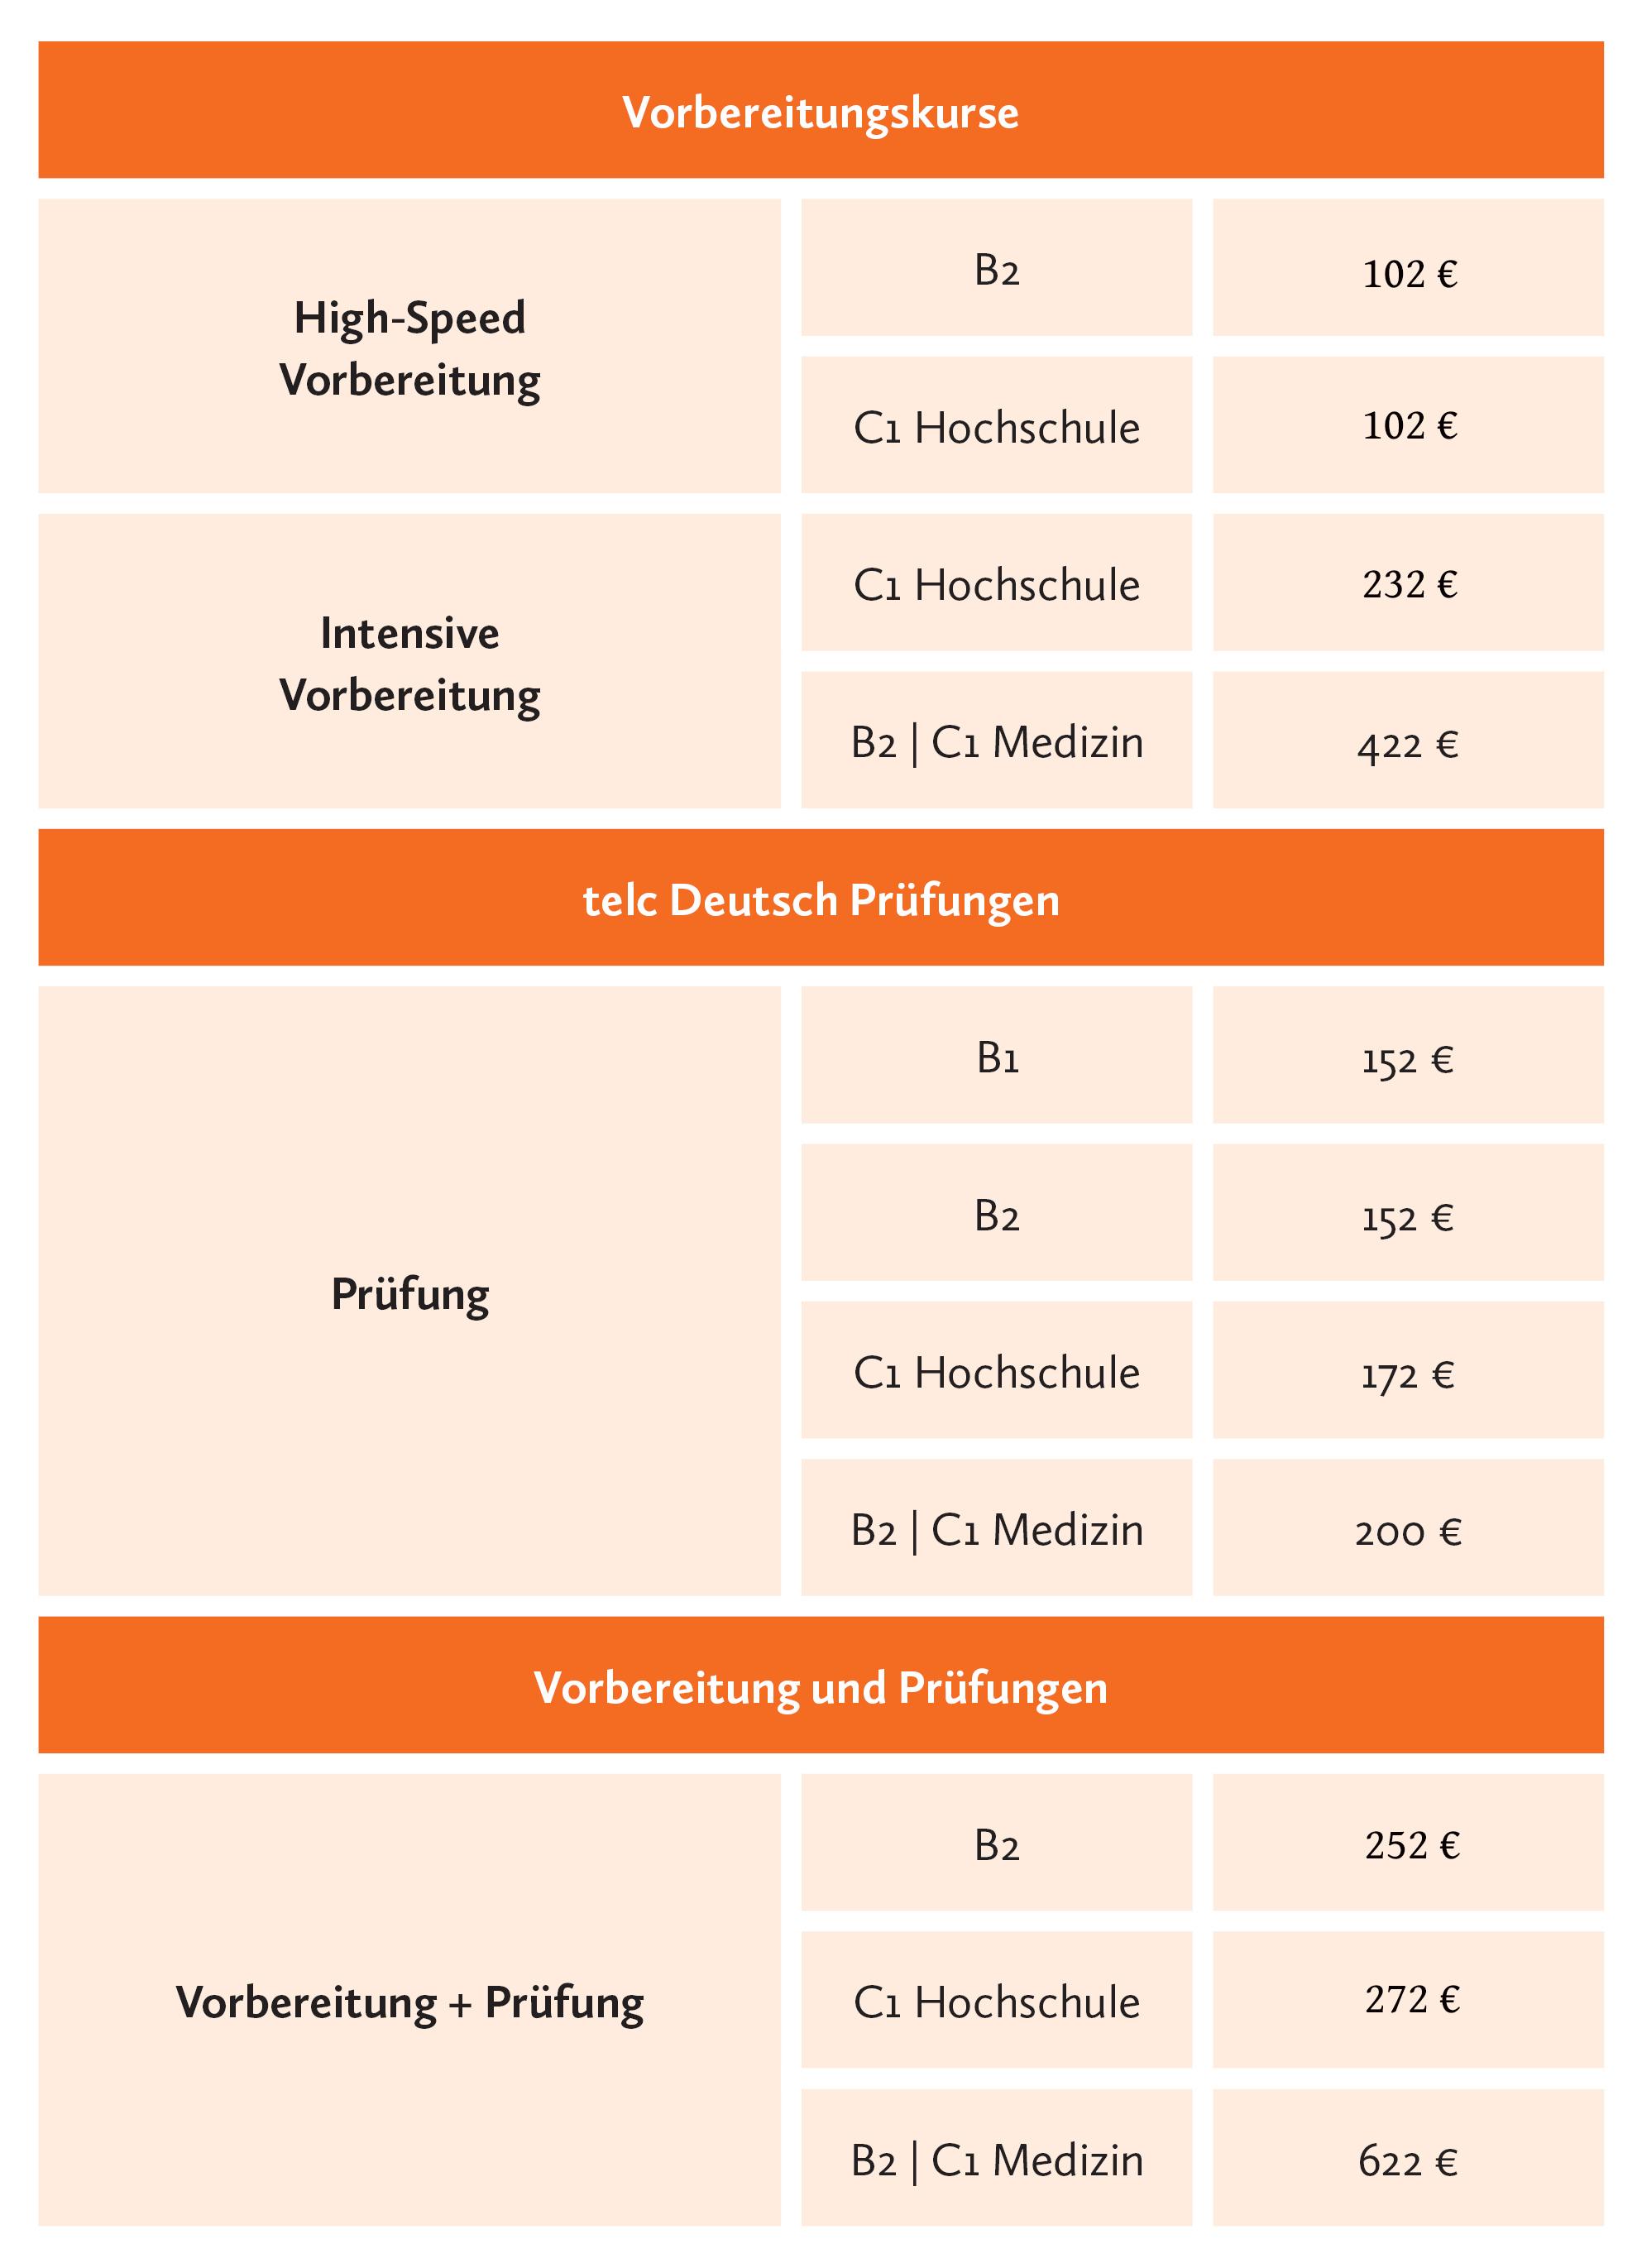 telc Vorbereitung Berlin Sprachschule Deutsch